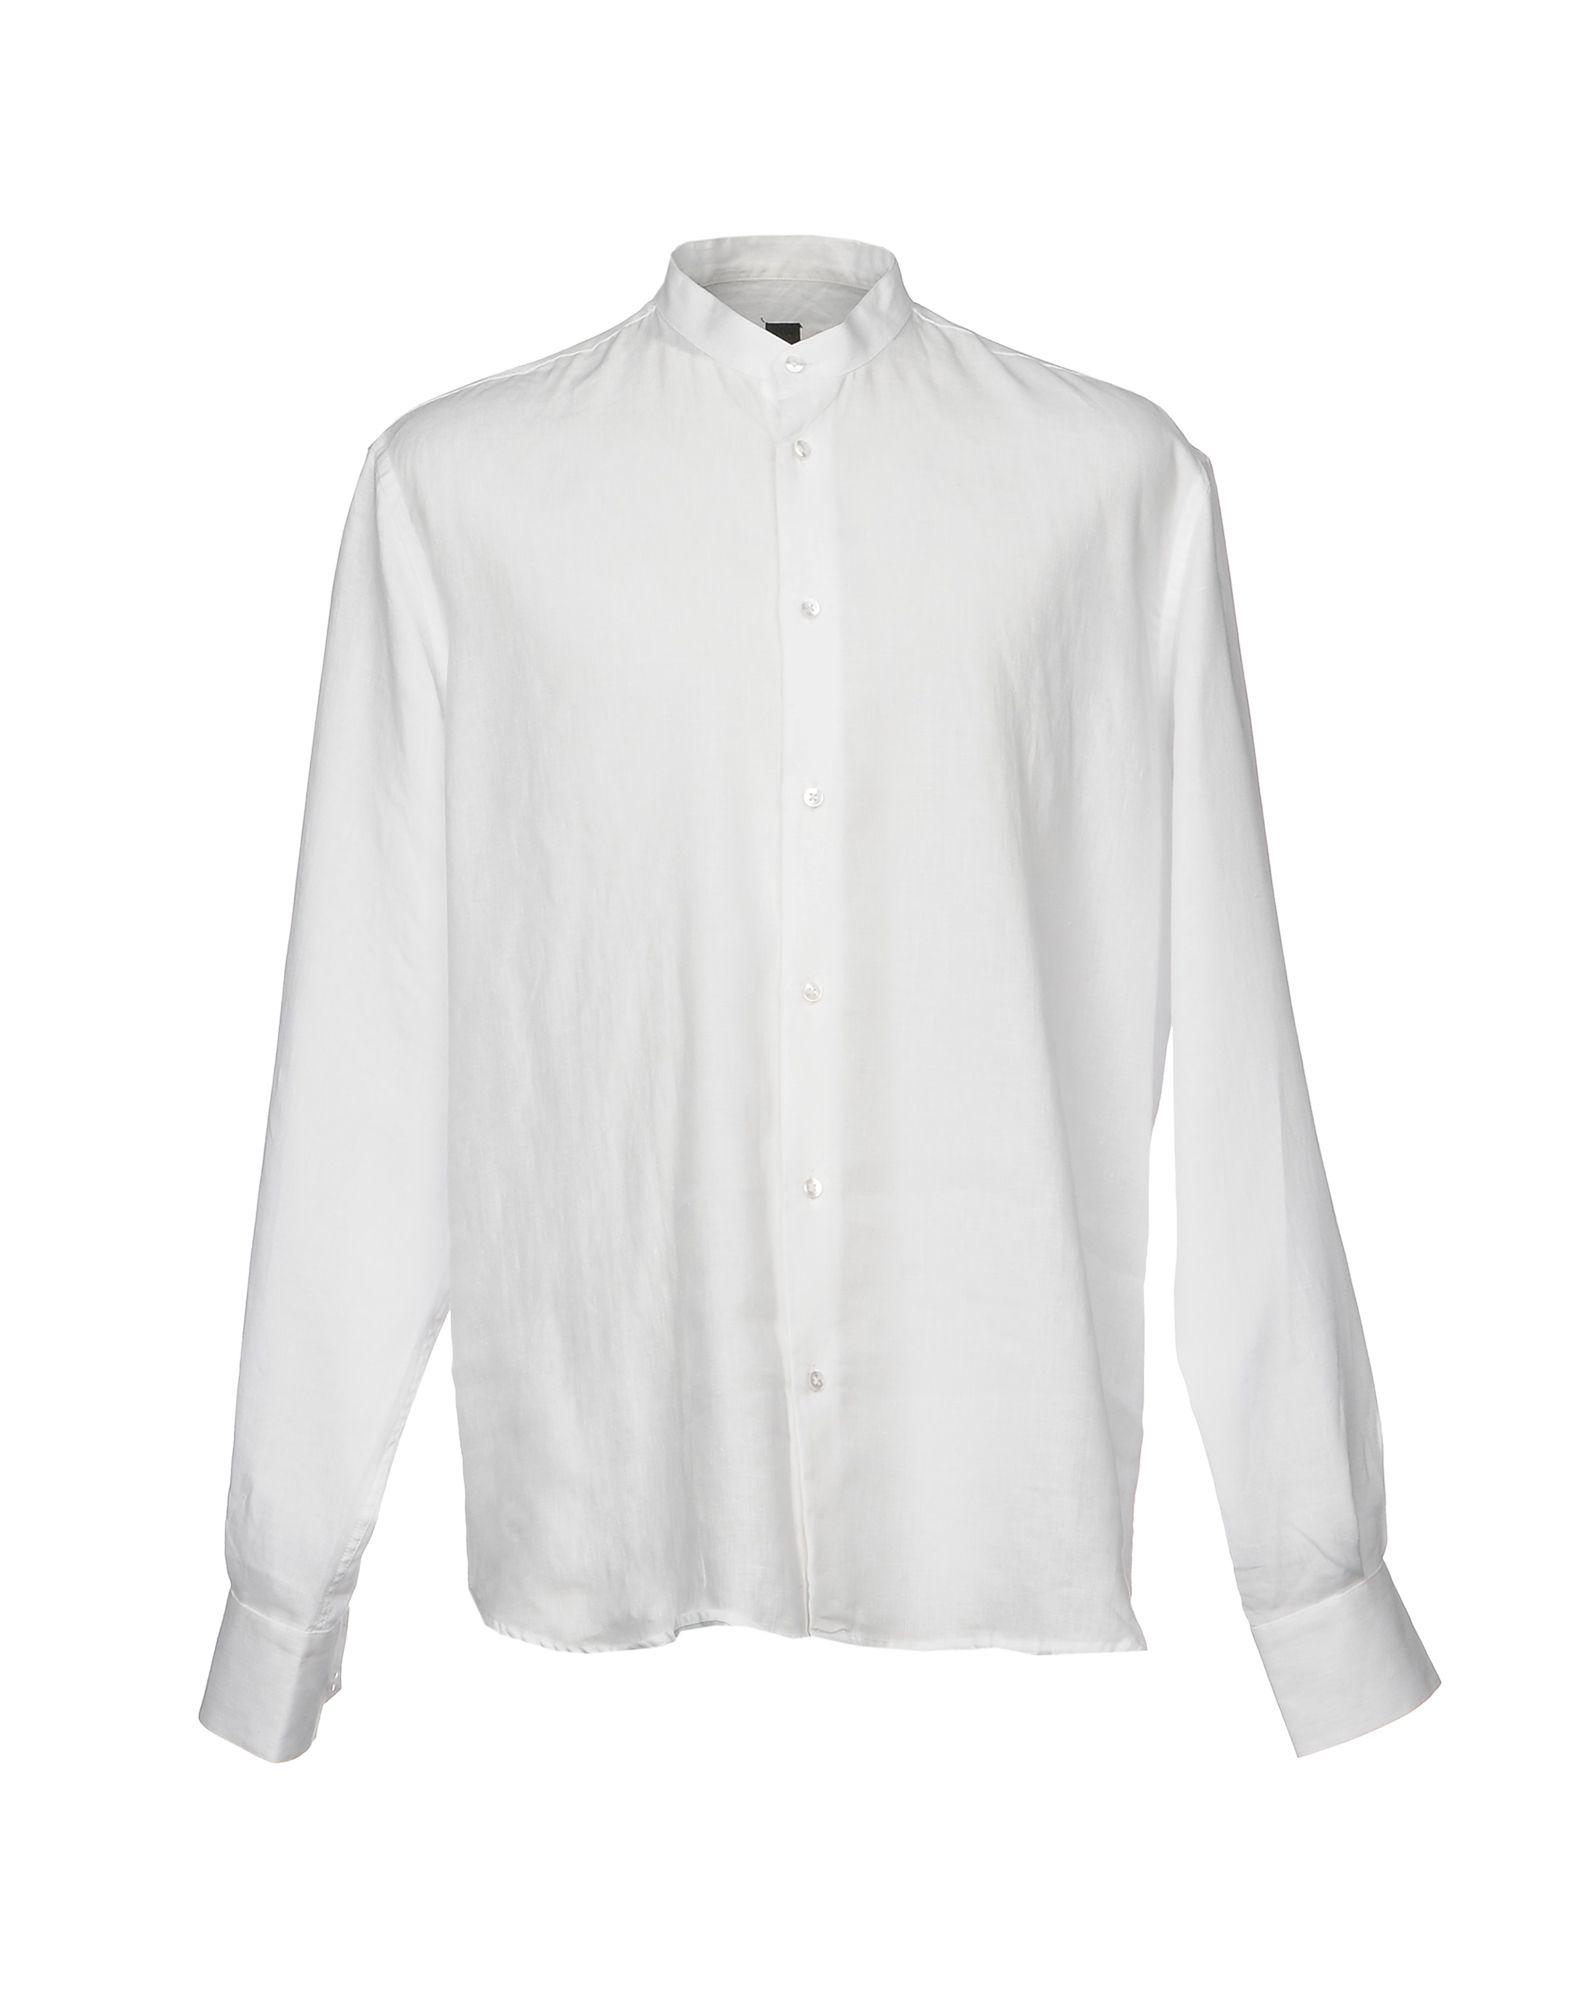 《送料無料》MAXI HO メンズ シャツ ホワイト XXL コットン 100%